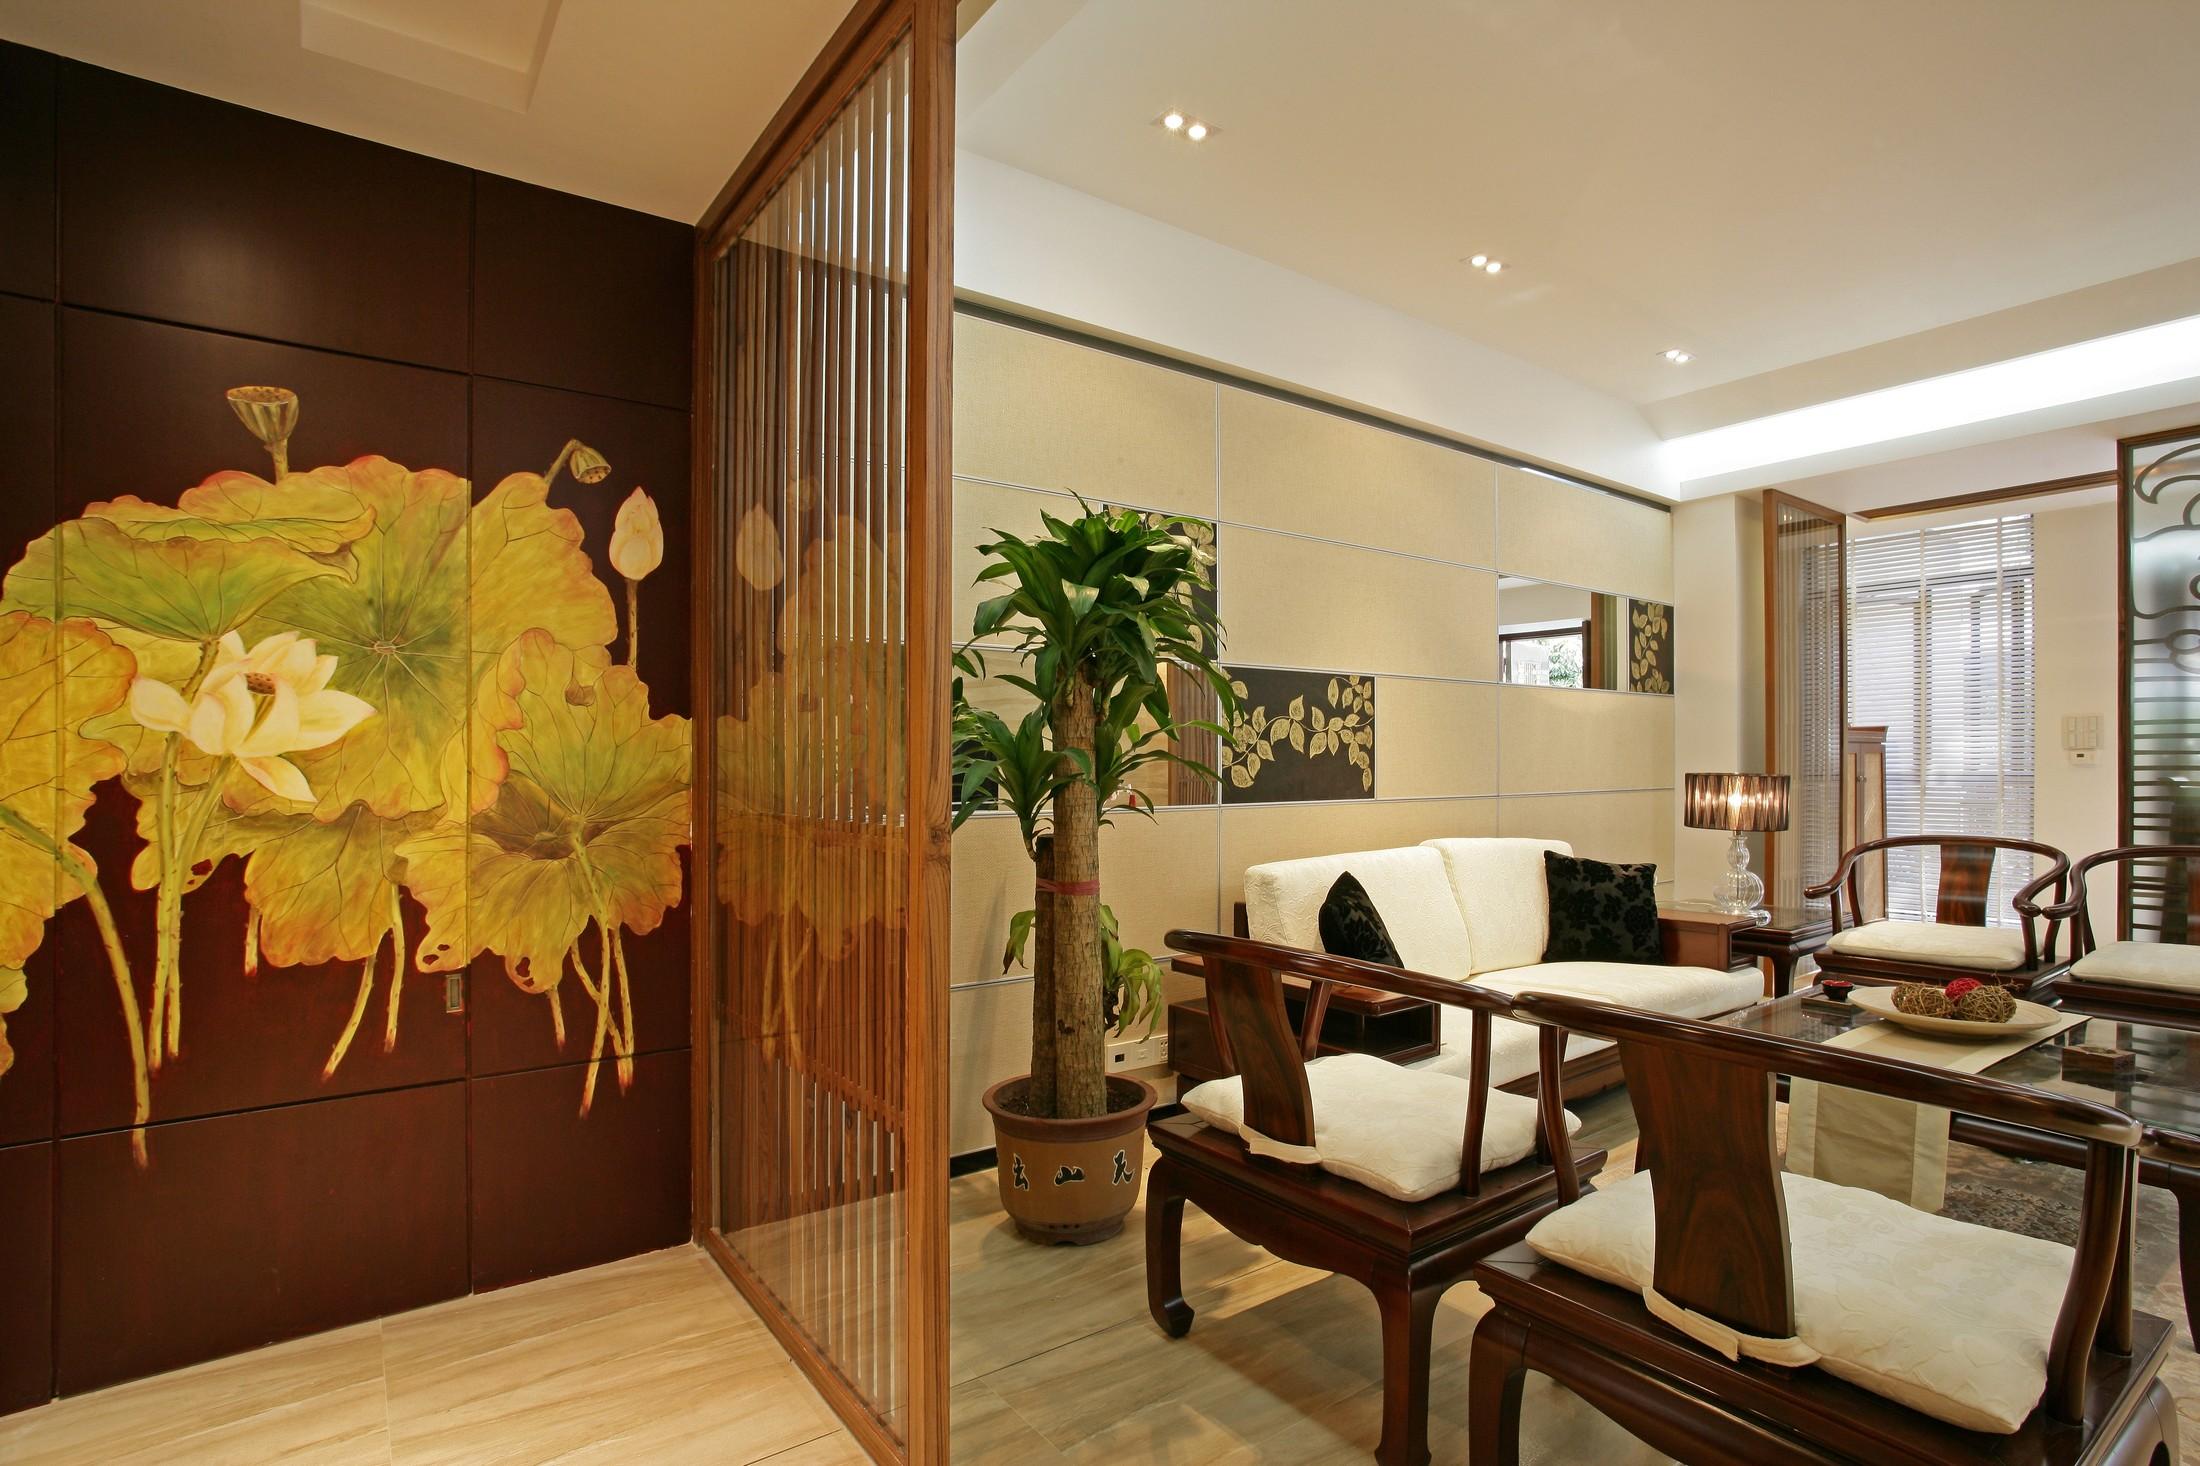 三居室中式风格木栅隔断装修效果图